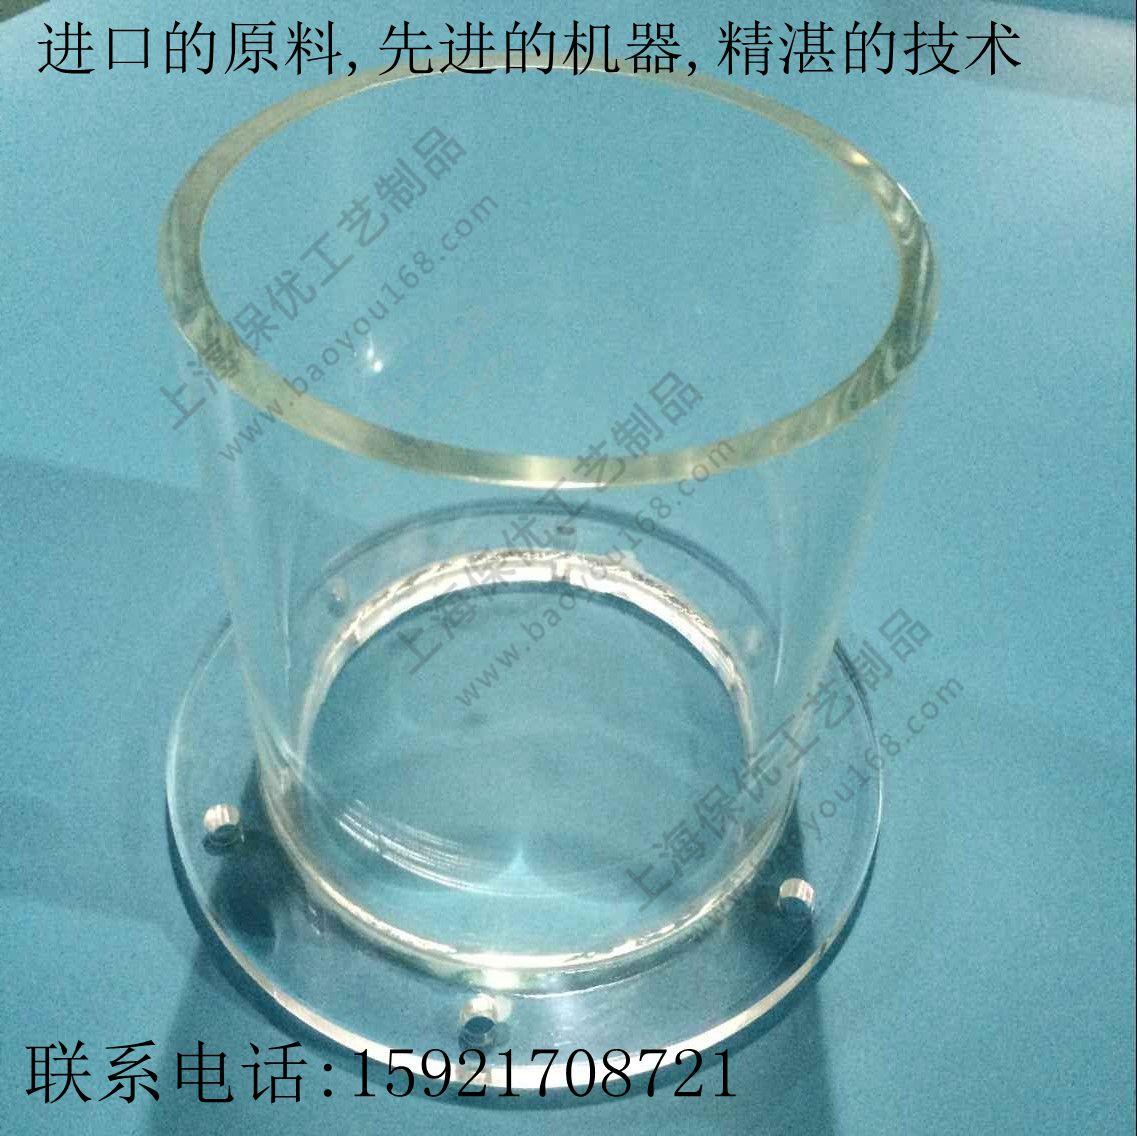 有机玻璃管 亚克力管透明管 亚克力圆桶带盖封底 法兰定制加工